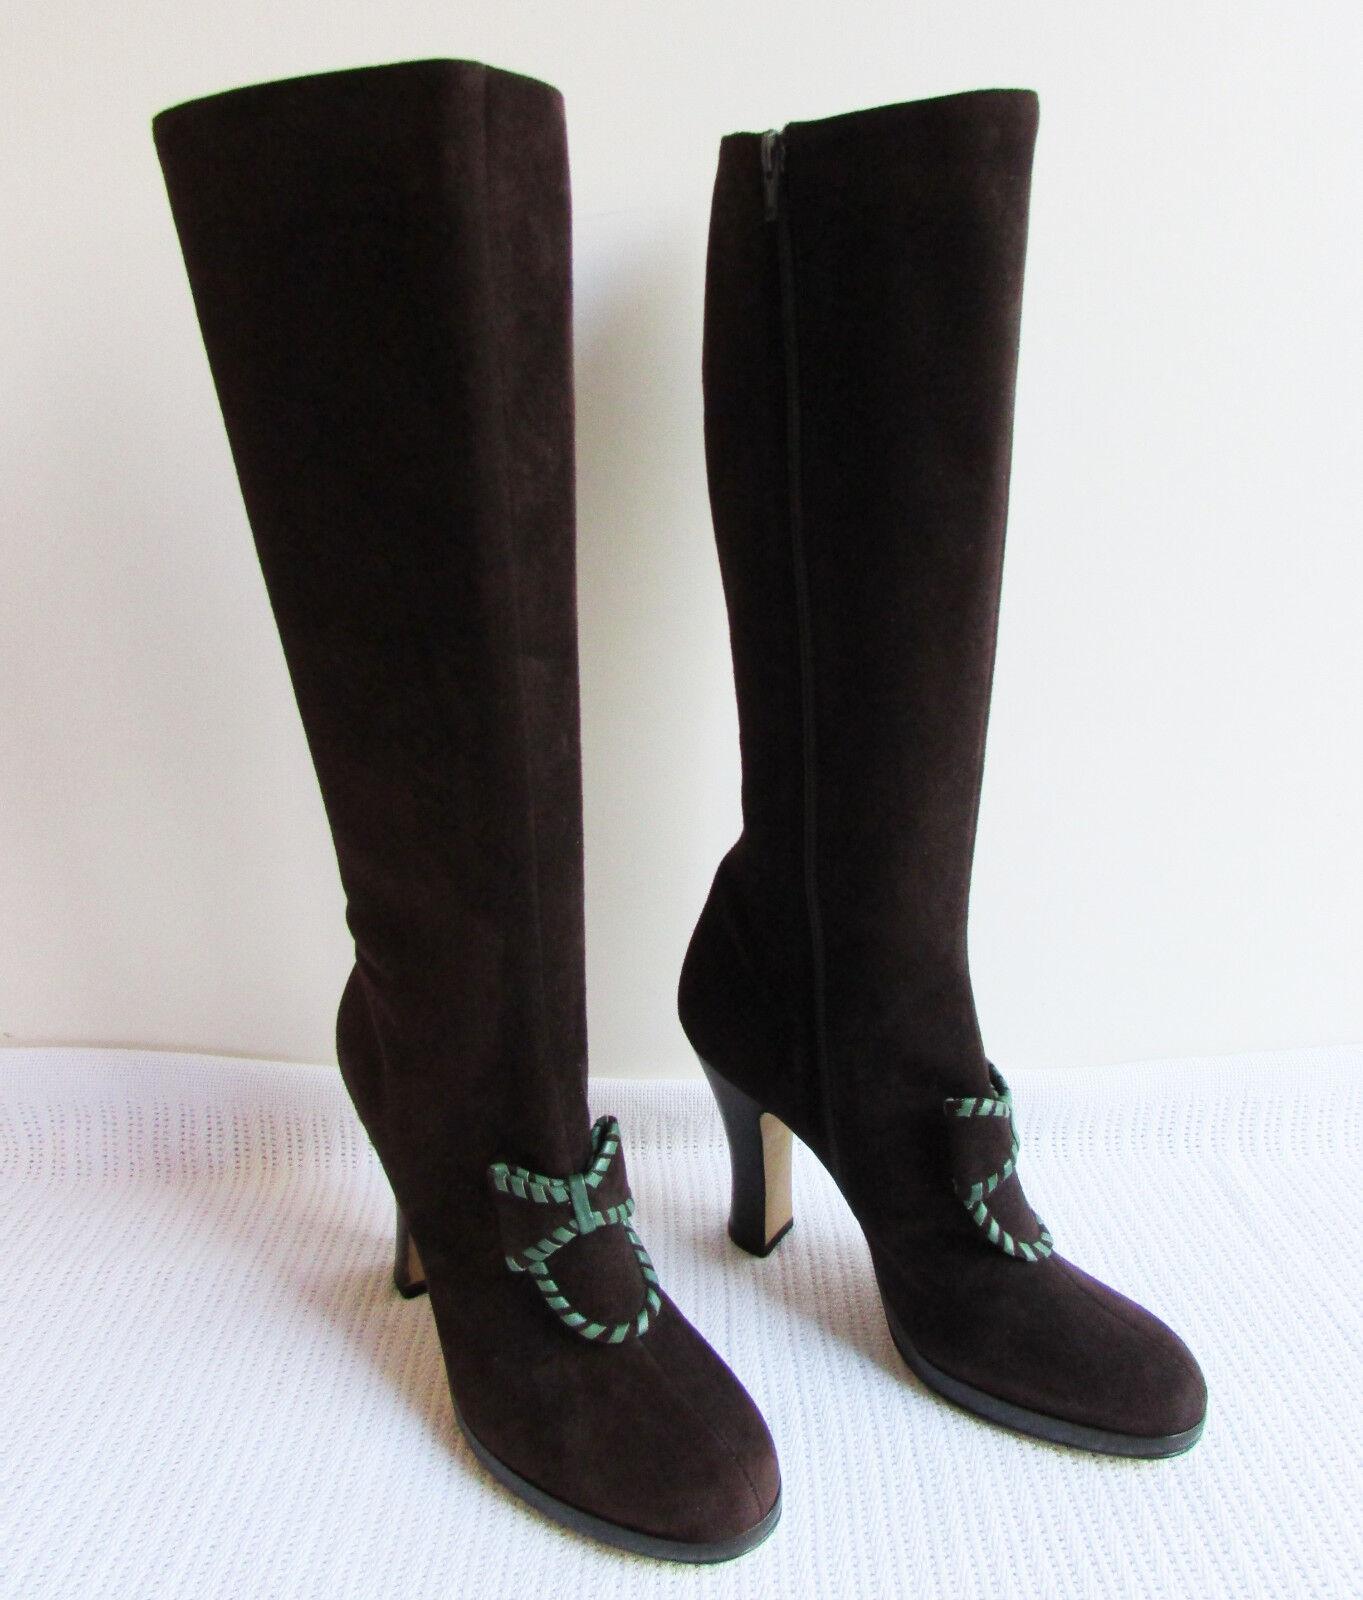 Anna SUI Talla 40 9 marrón gamuza cuero la rodilla botas Taco Alto Detalle De Moño Con Cremallera Cierre